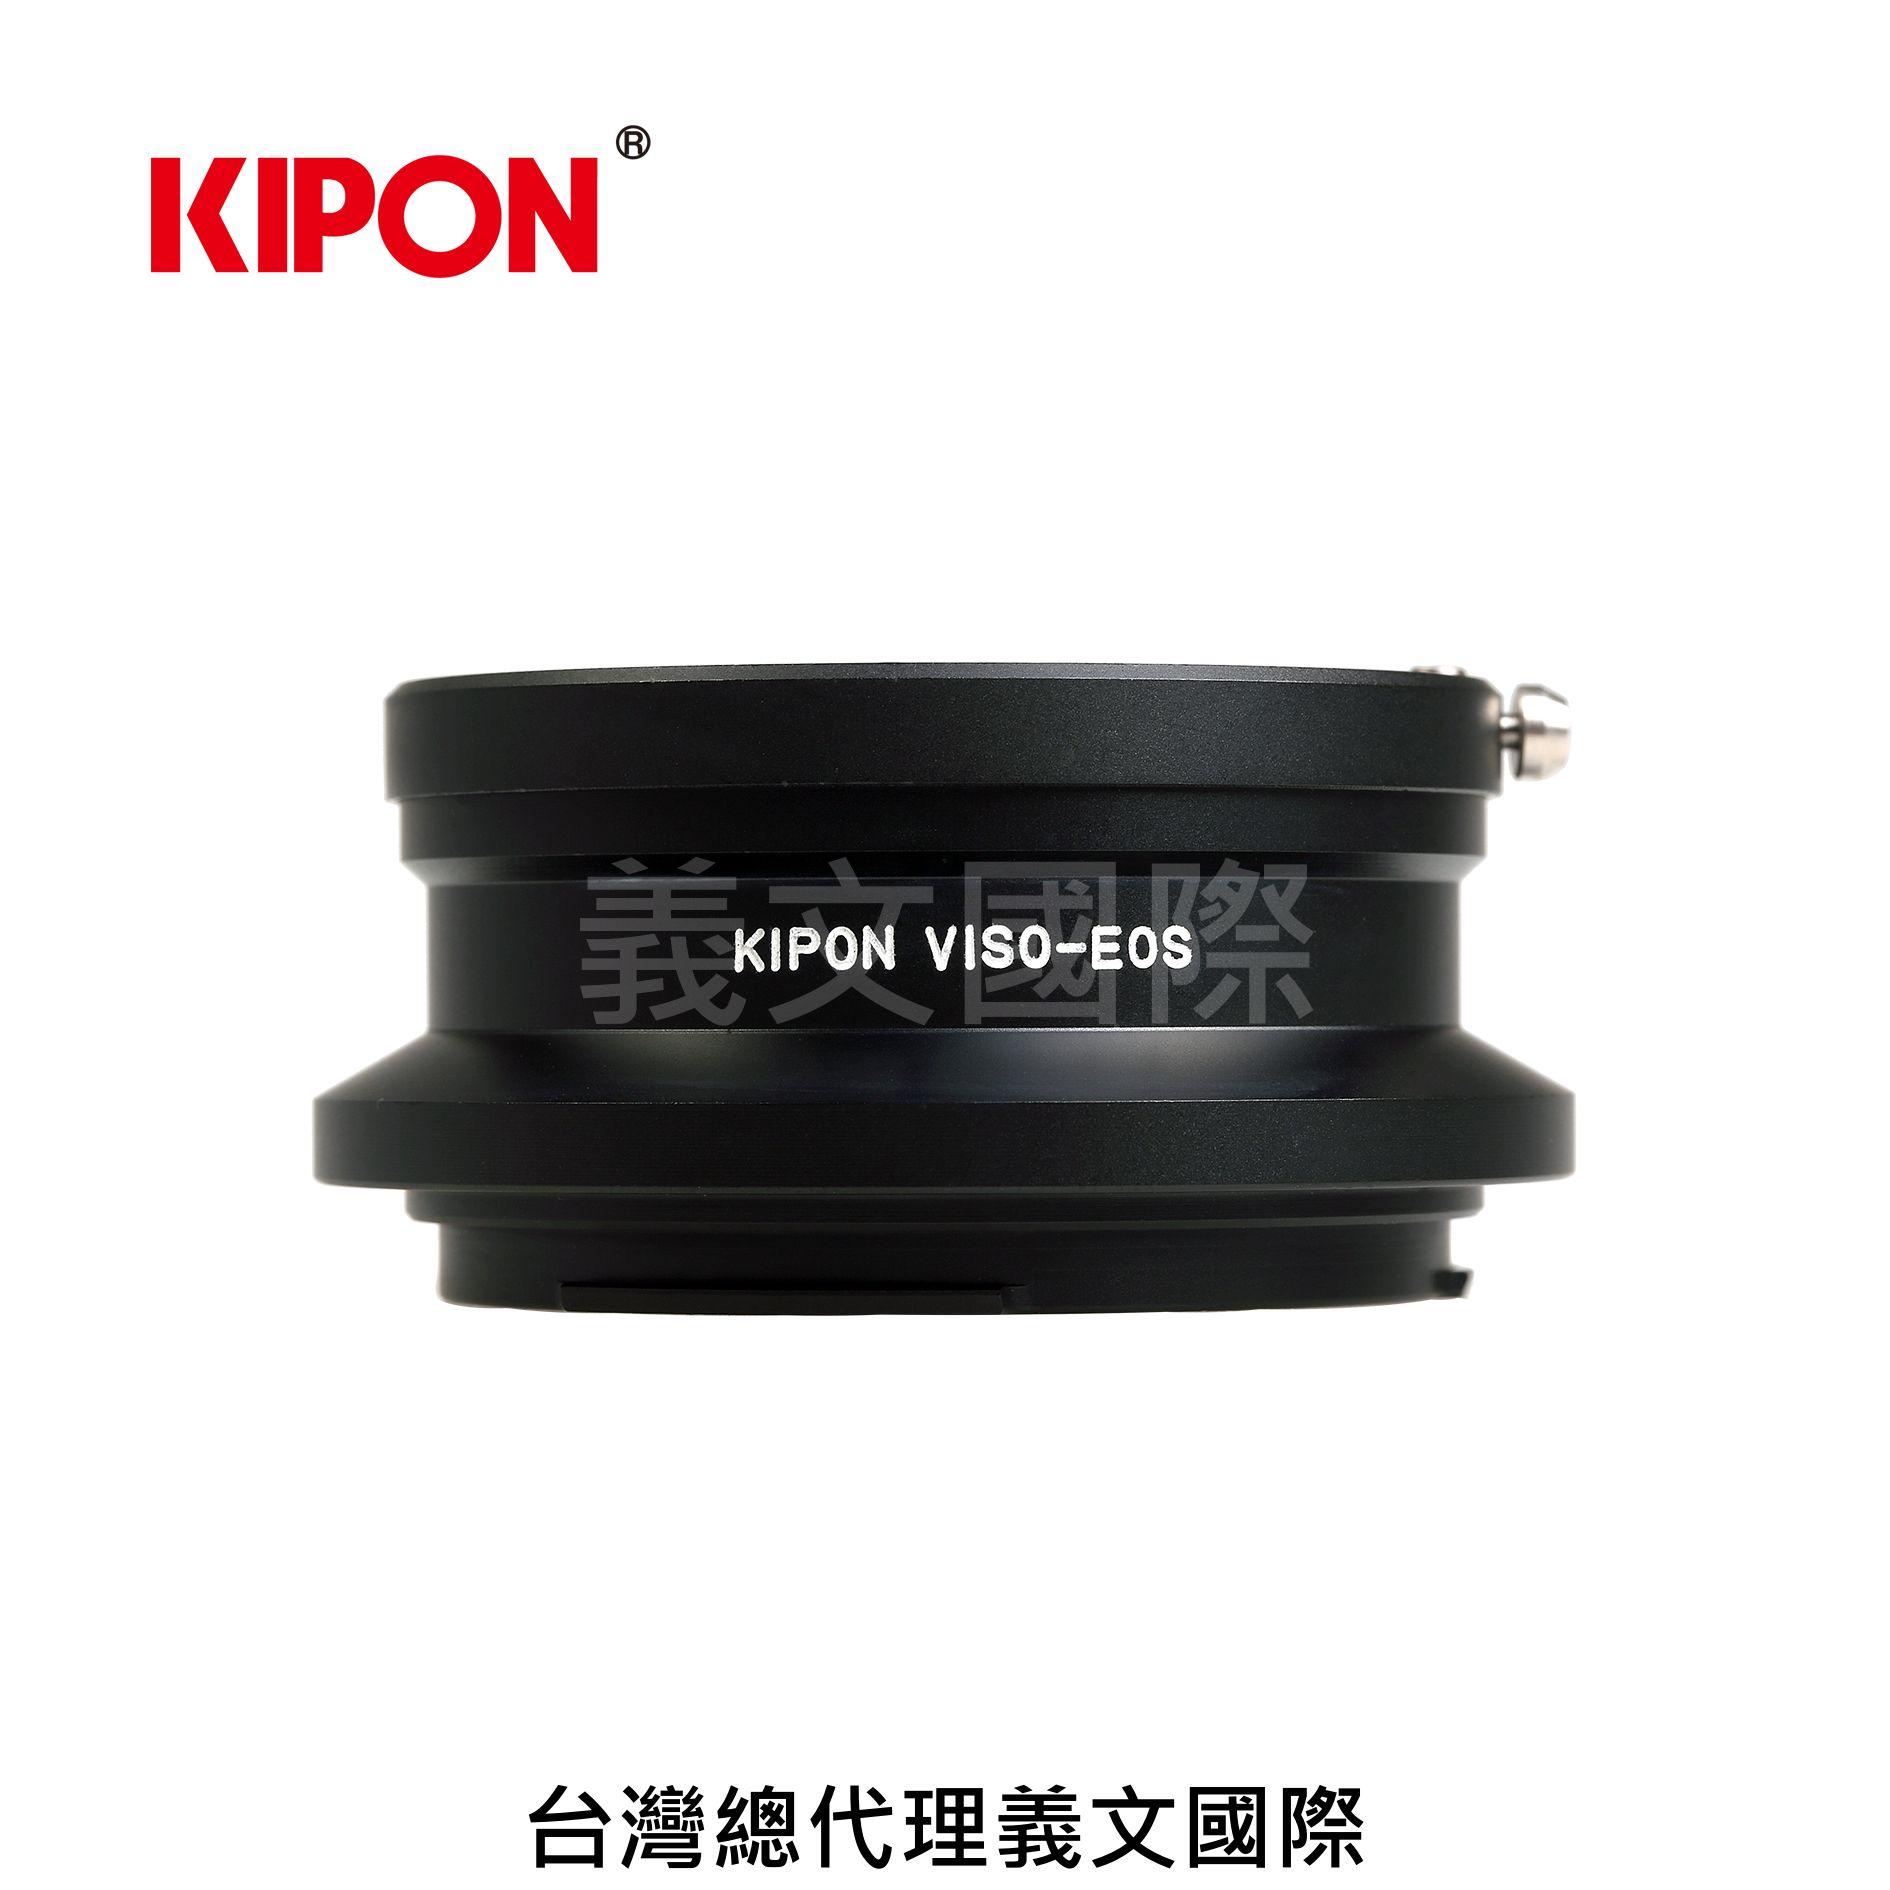 馬克攝影器材專賣店 Kipon轉接環專賣店:LEICA VISO-EOS(CANON, EF, 佳能, 5D4, 6DII, 90D, 80D, 77D, 800D)